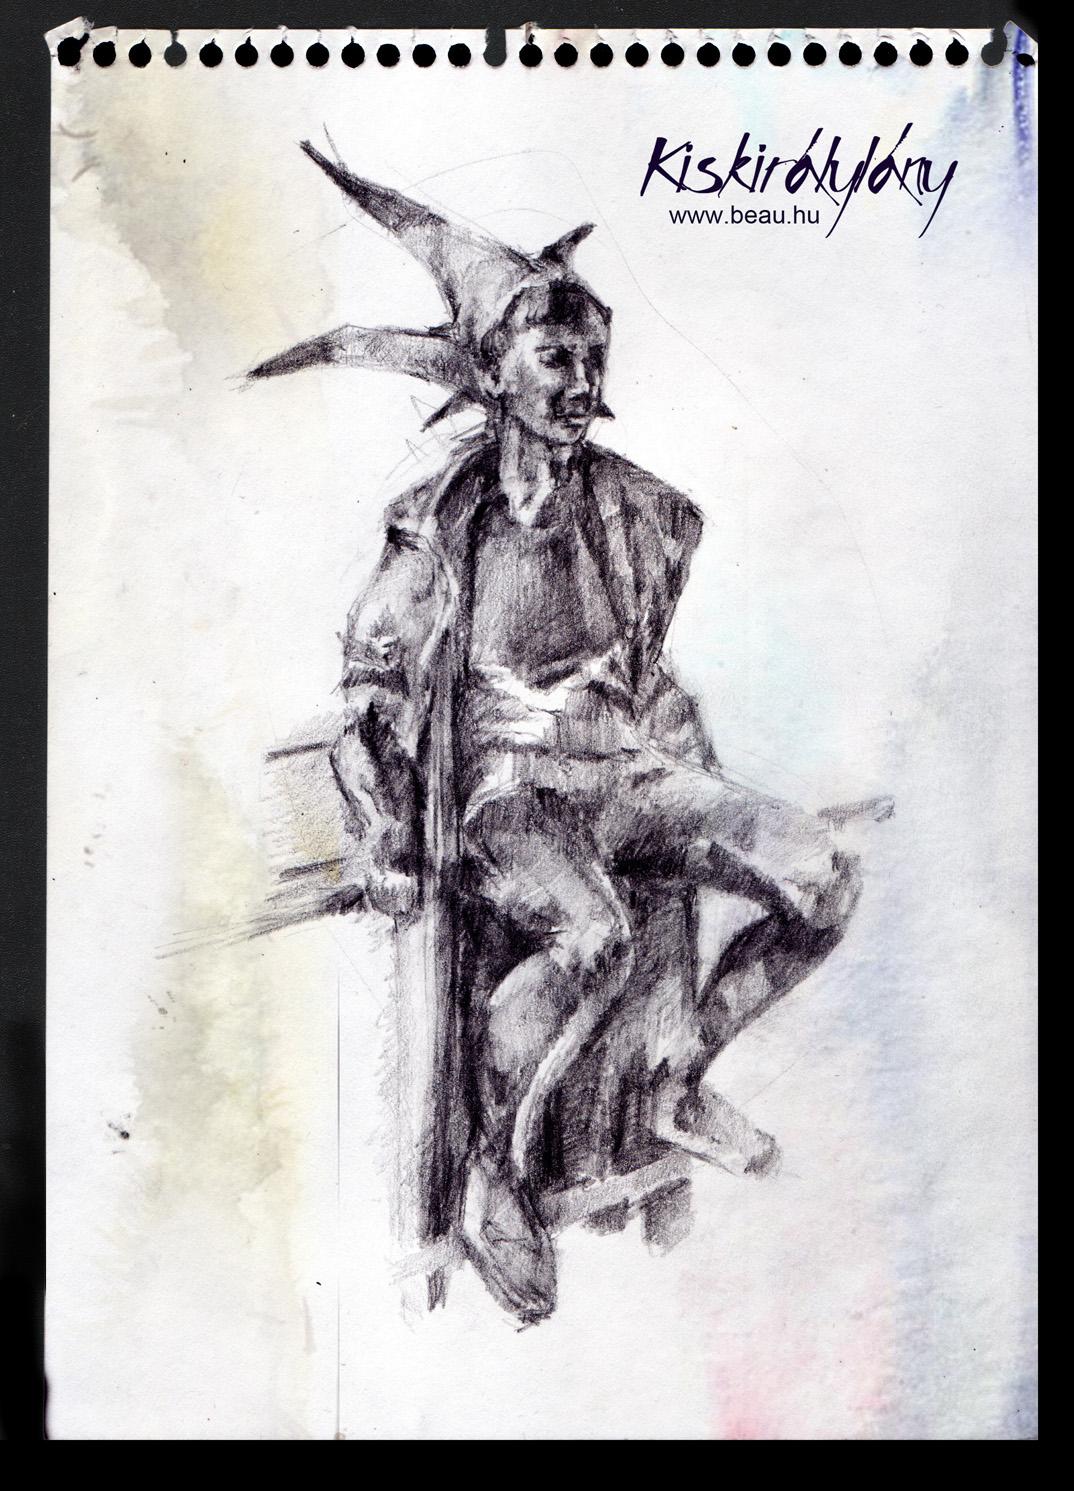 Kiskirálylány szobor: Beau de Noir